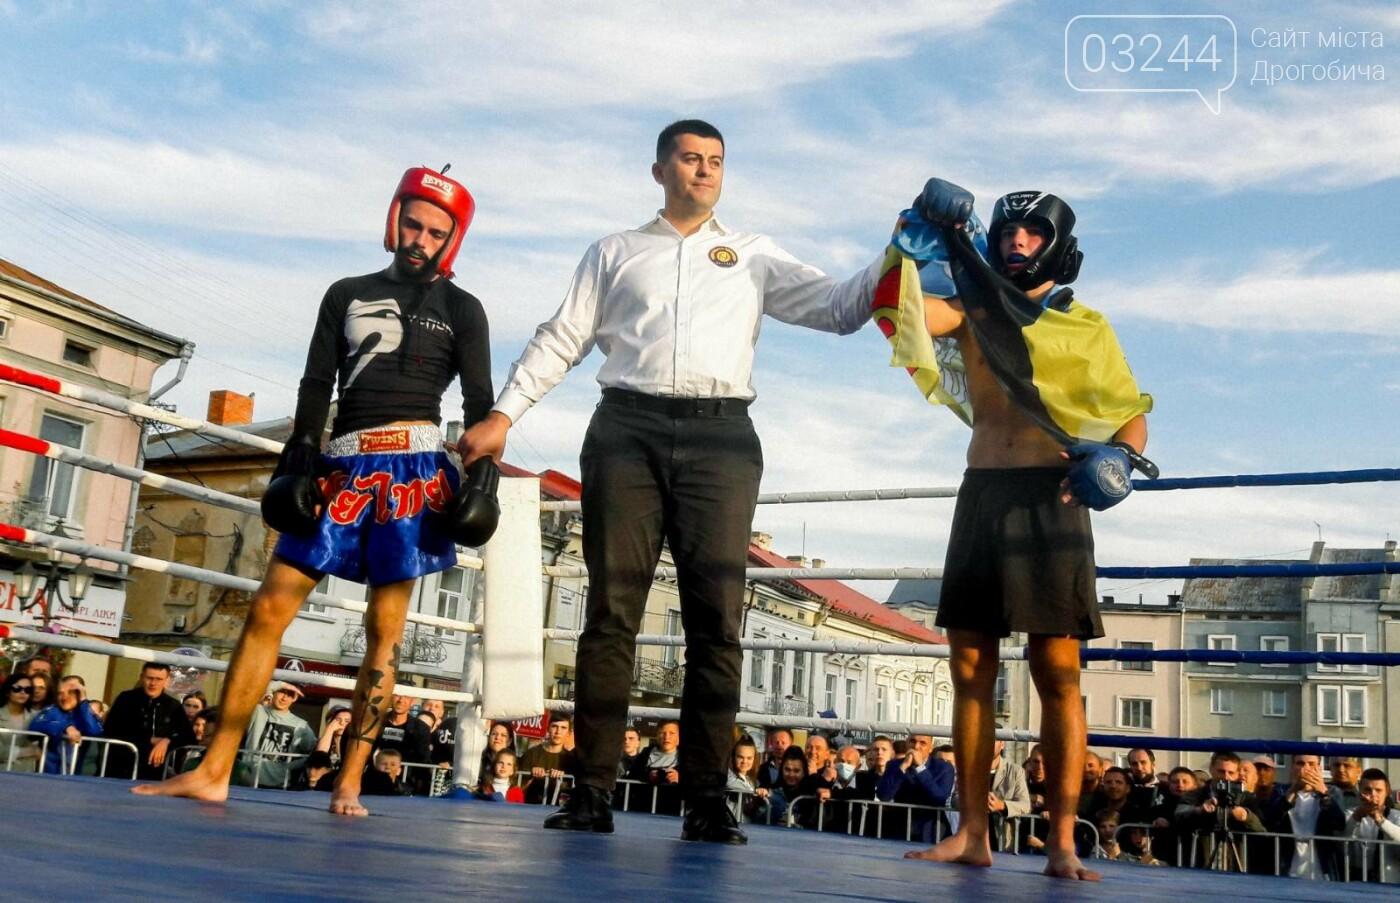 У Дрогобичі відбувся видовищний турнір зі змішаних єдиноборств, фото-4